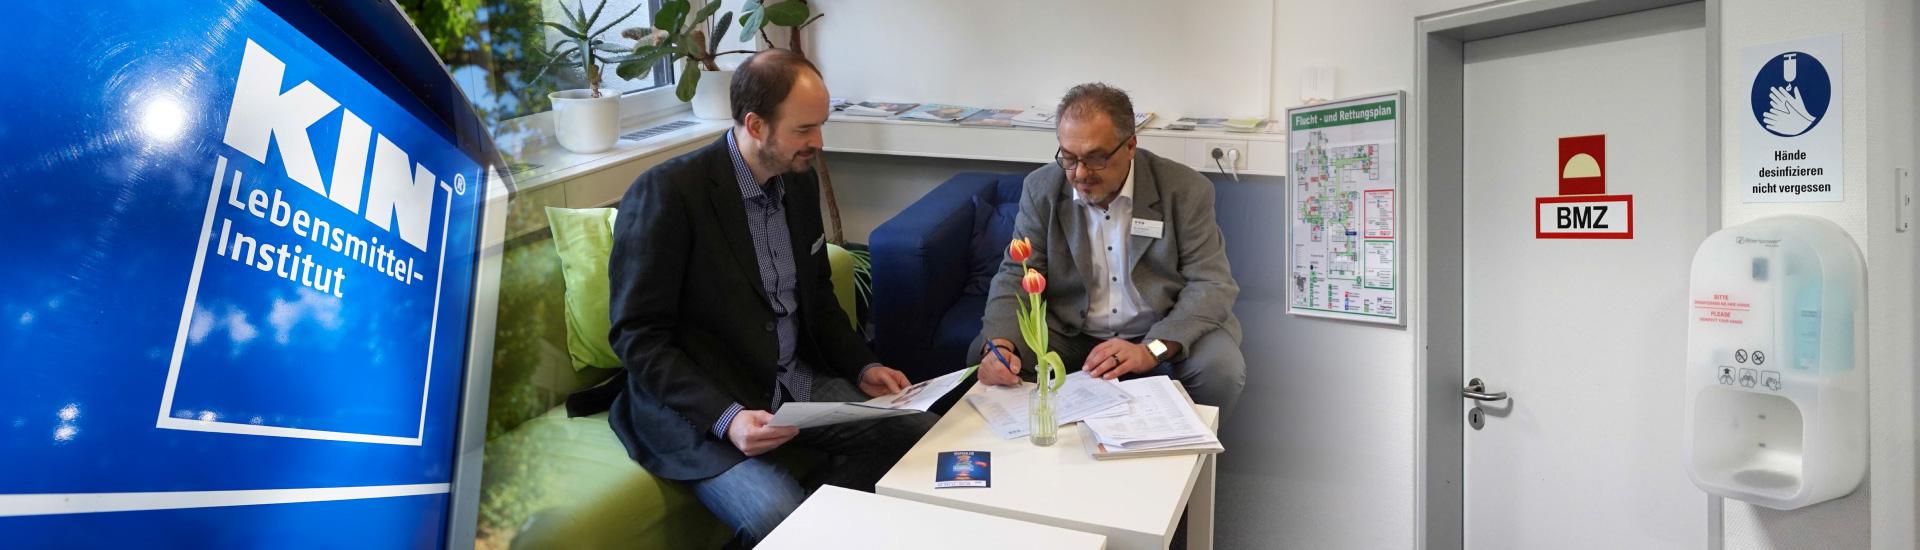 Auditsituation bei dem Lebensmittel-Institut KIN e. V. Fachschule für Lebensmitteltechnik